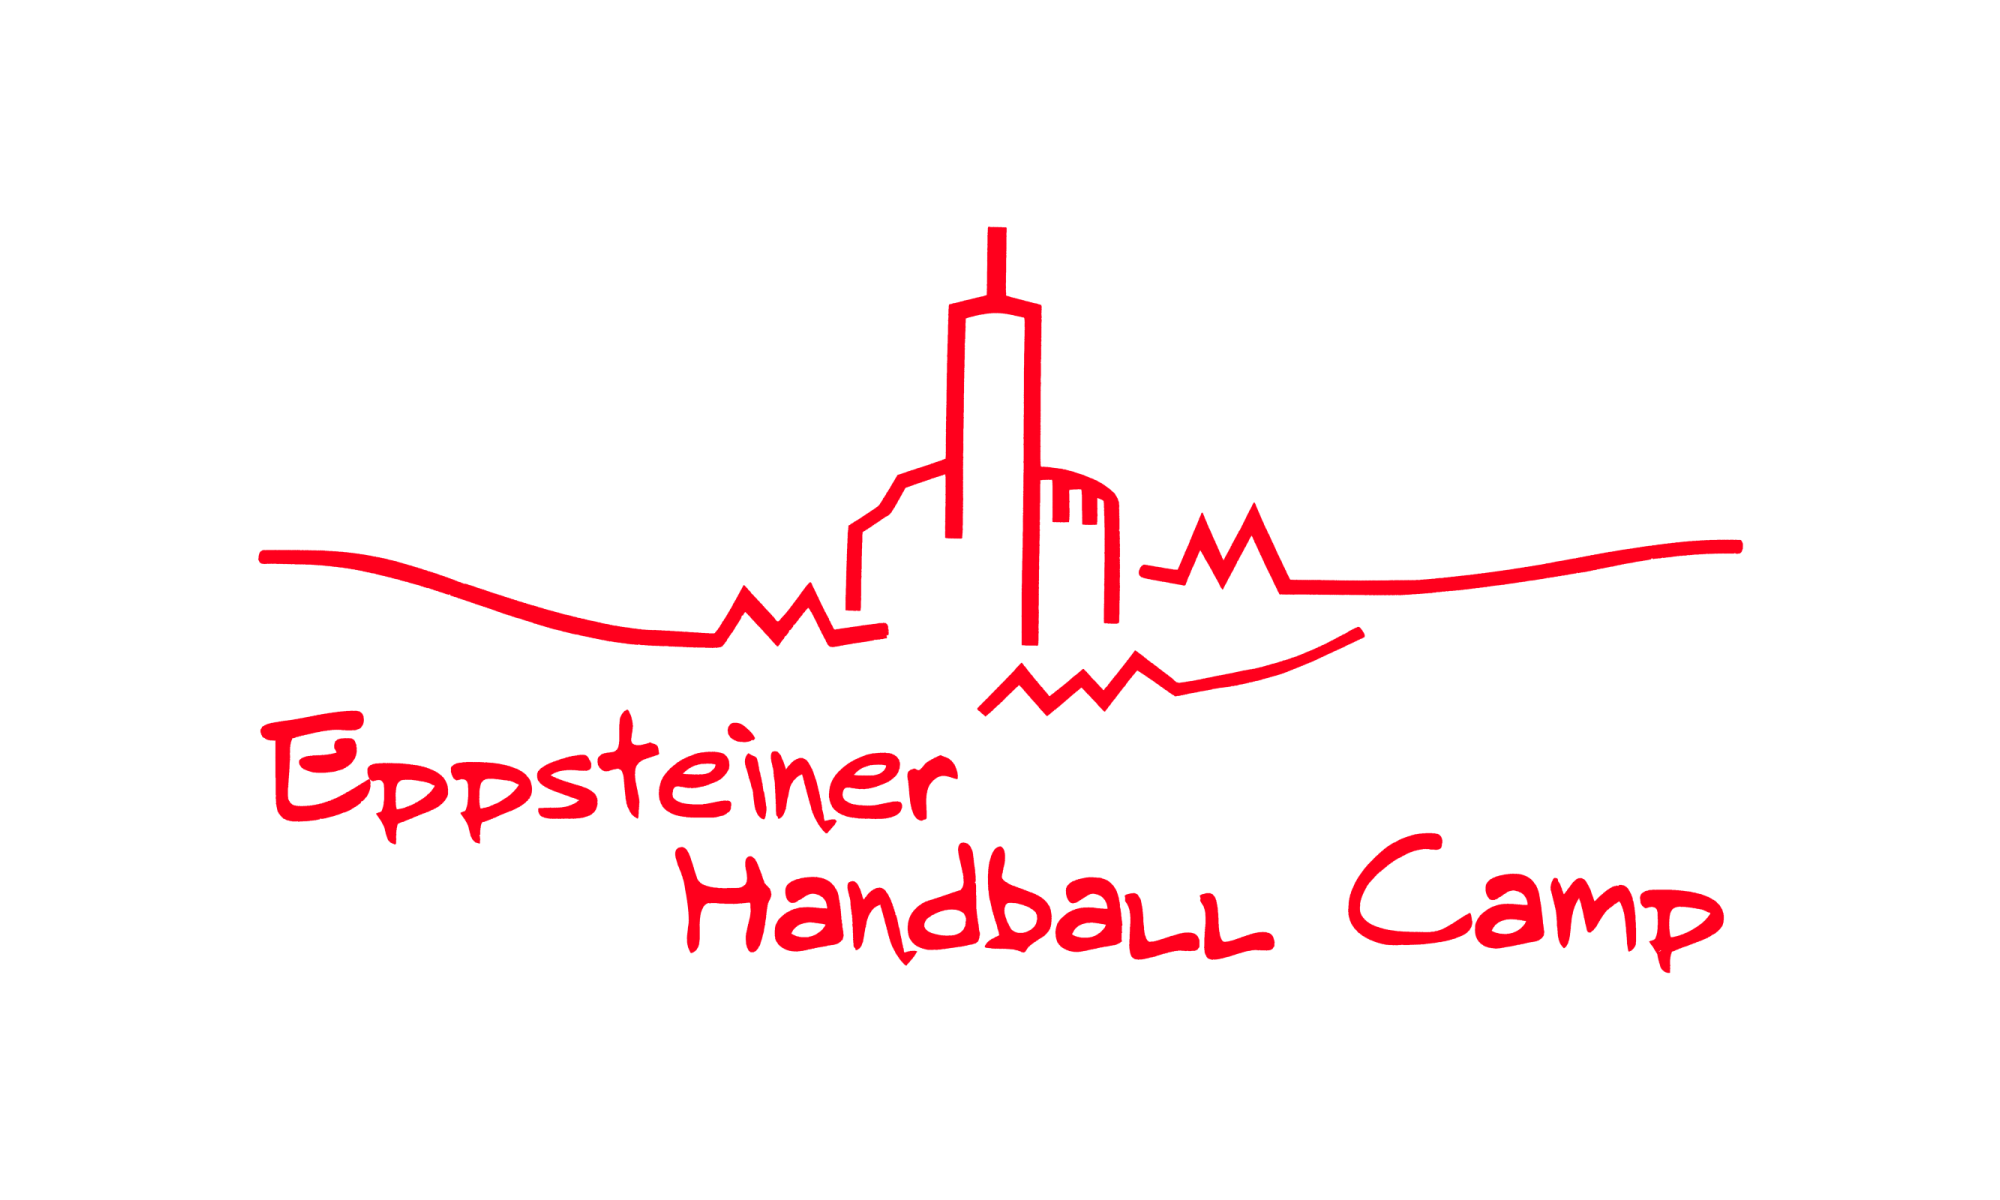 Eppsteiner Handballcamp